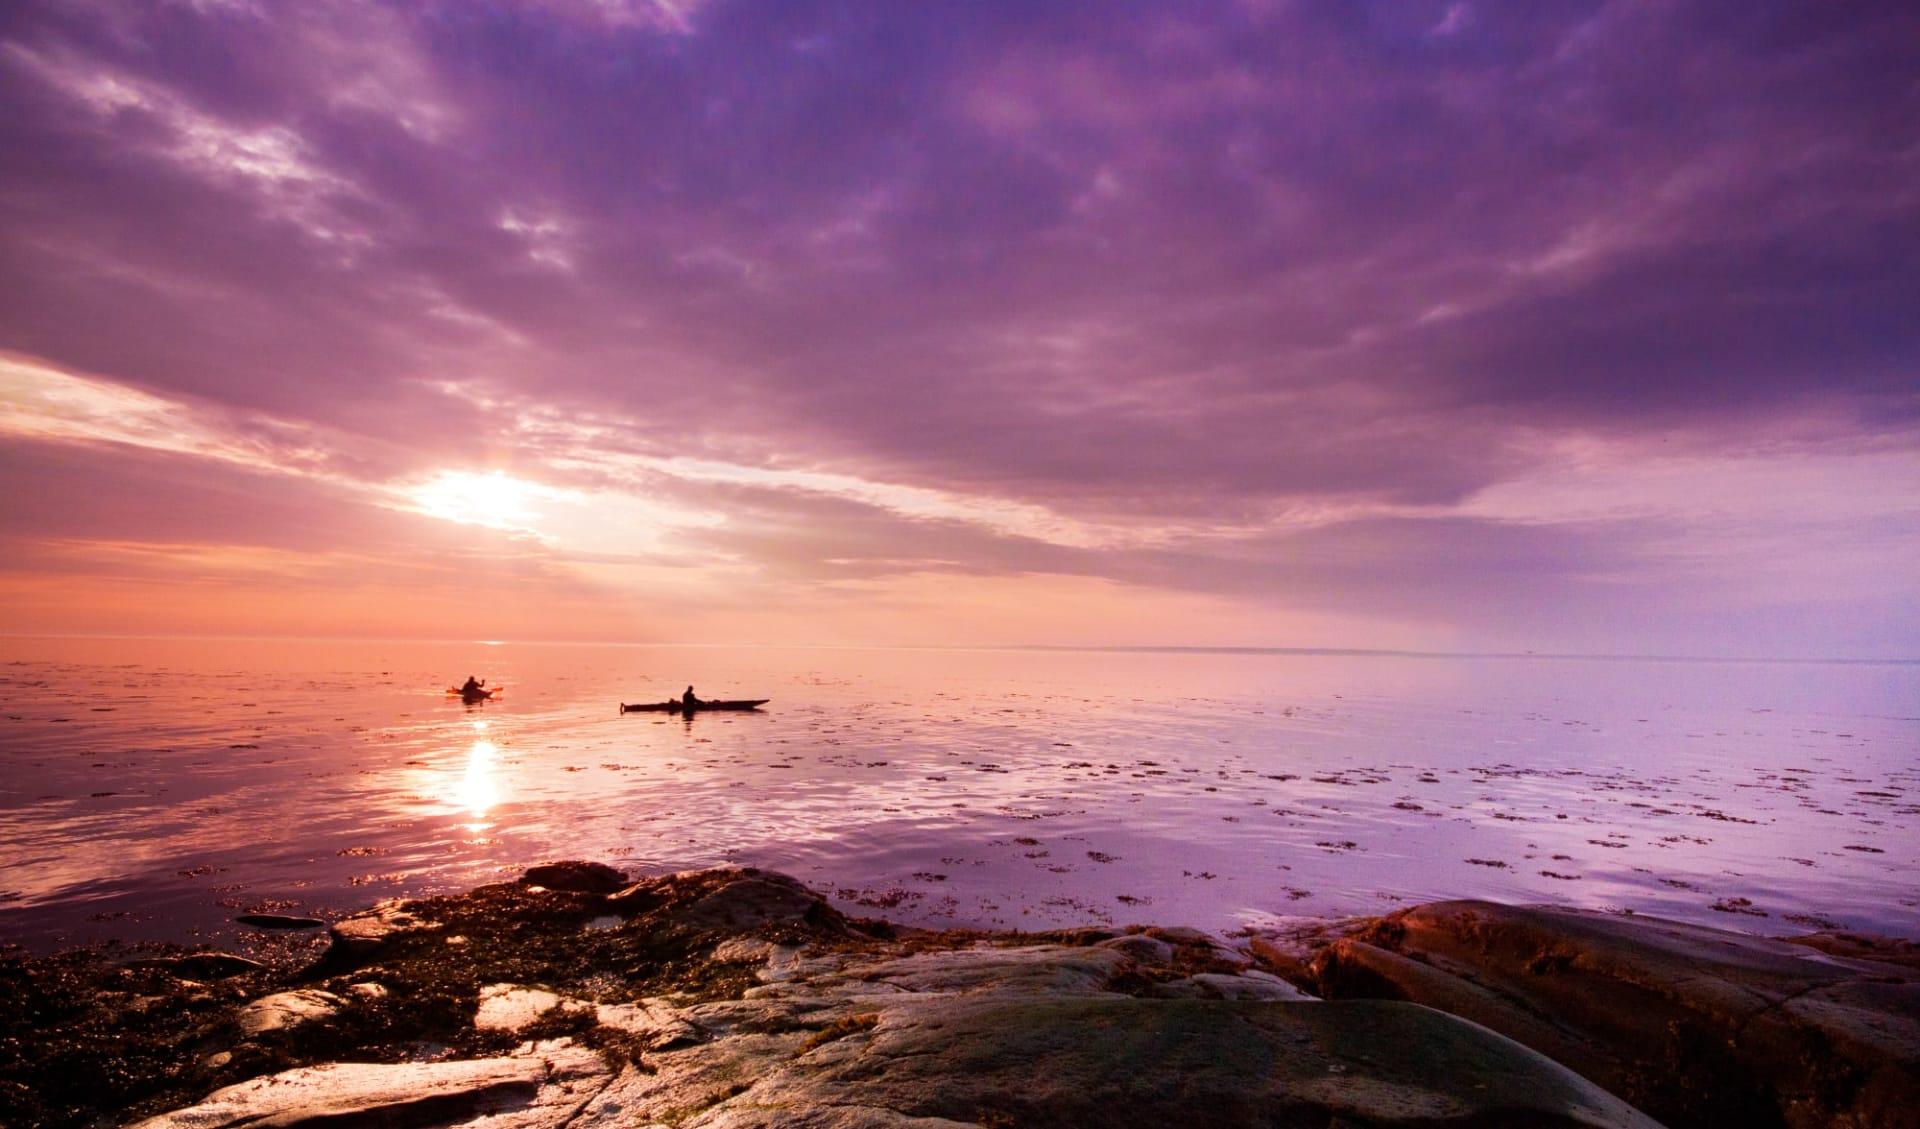 Höhepunkte Ostkanadas ab Toronto: Kanada - Tadoussac Quebec - spektakuläre Aussicht aufs Meer